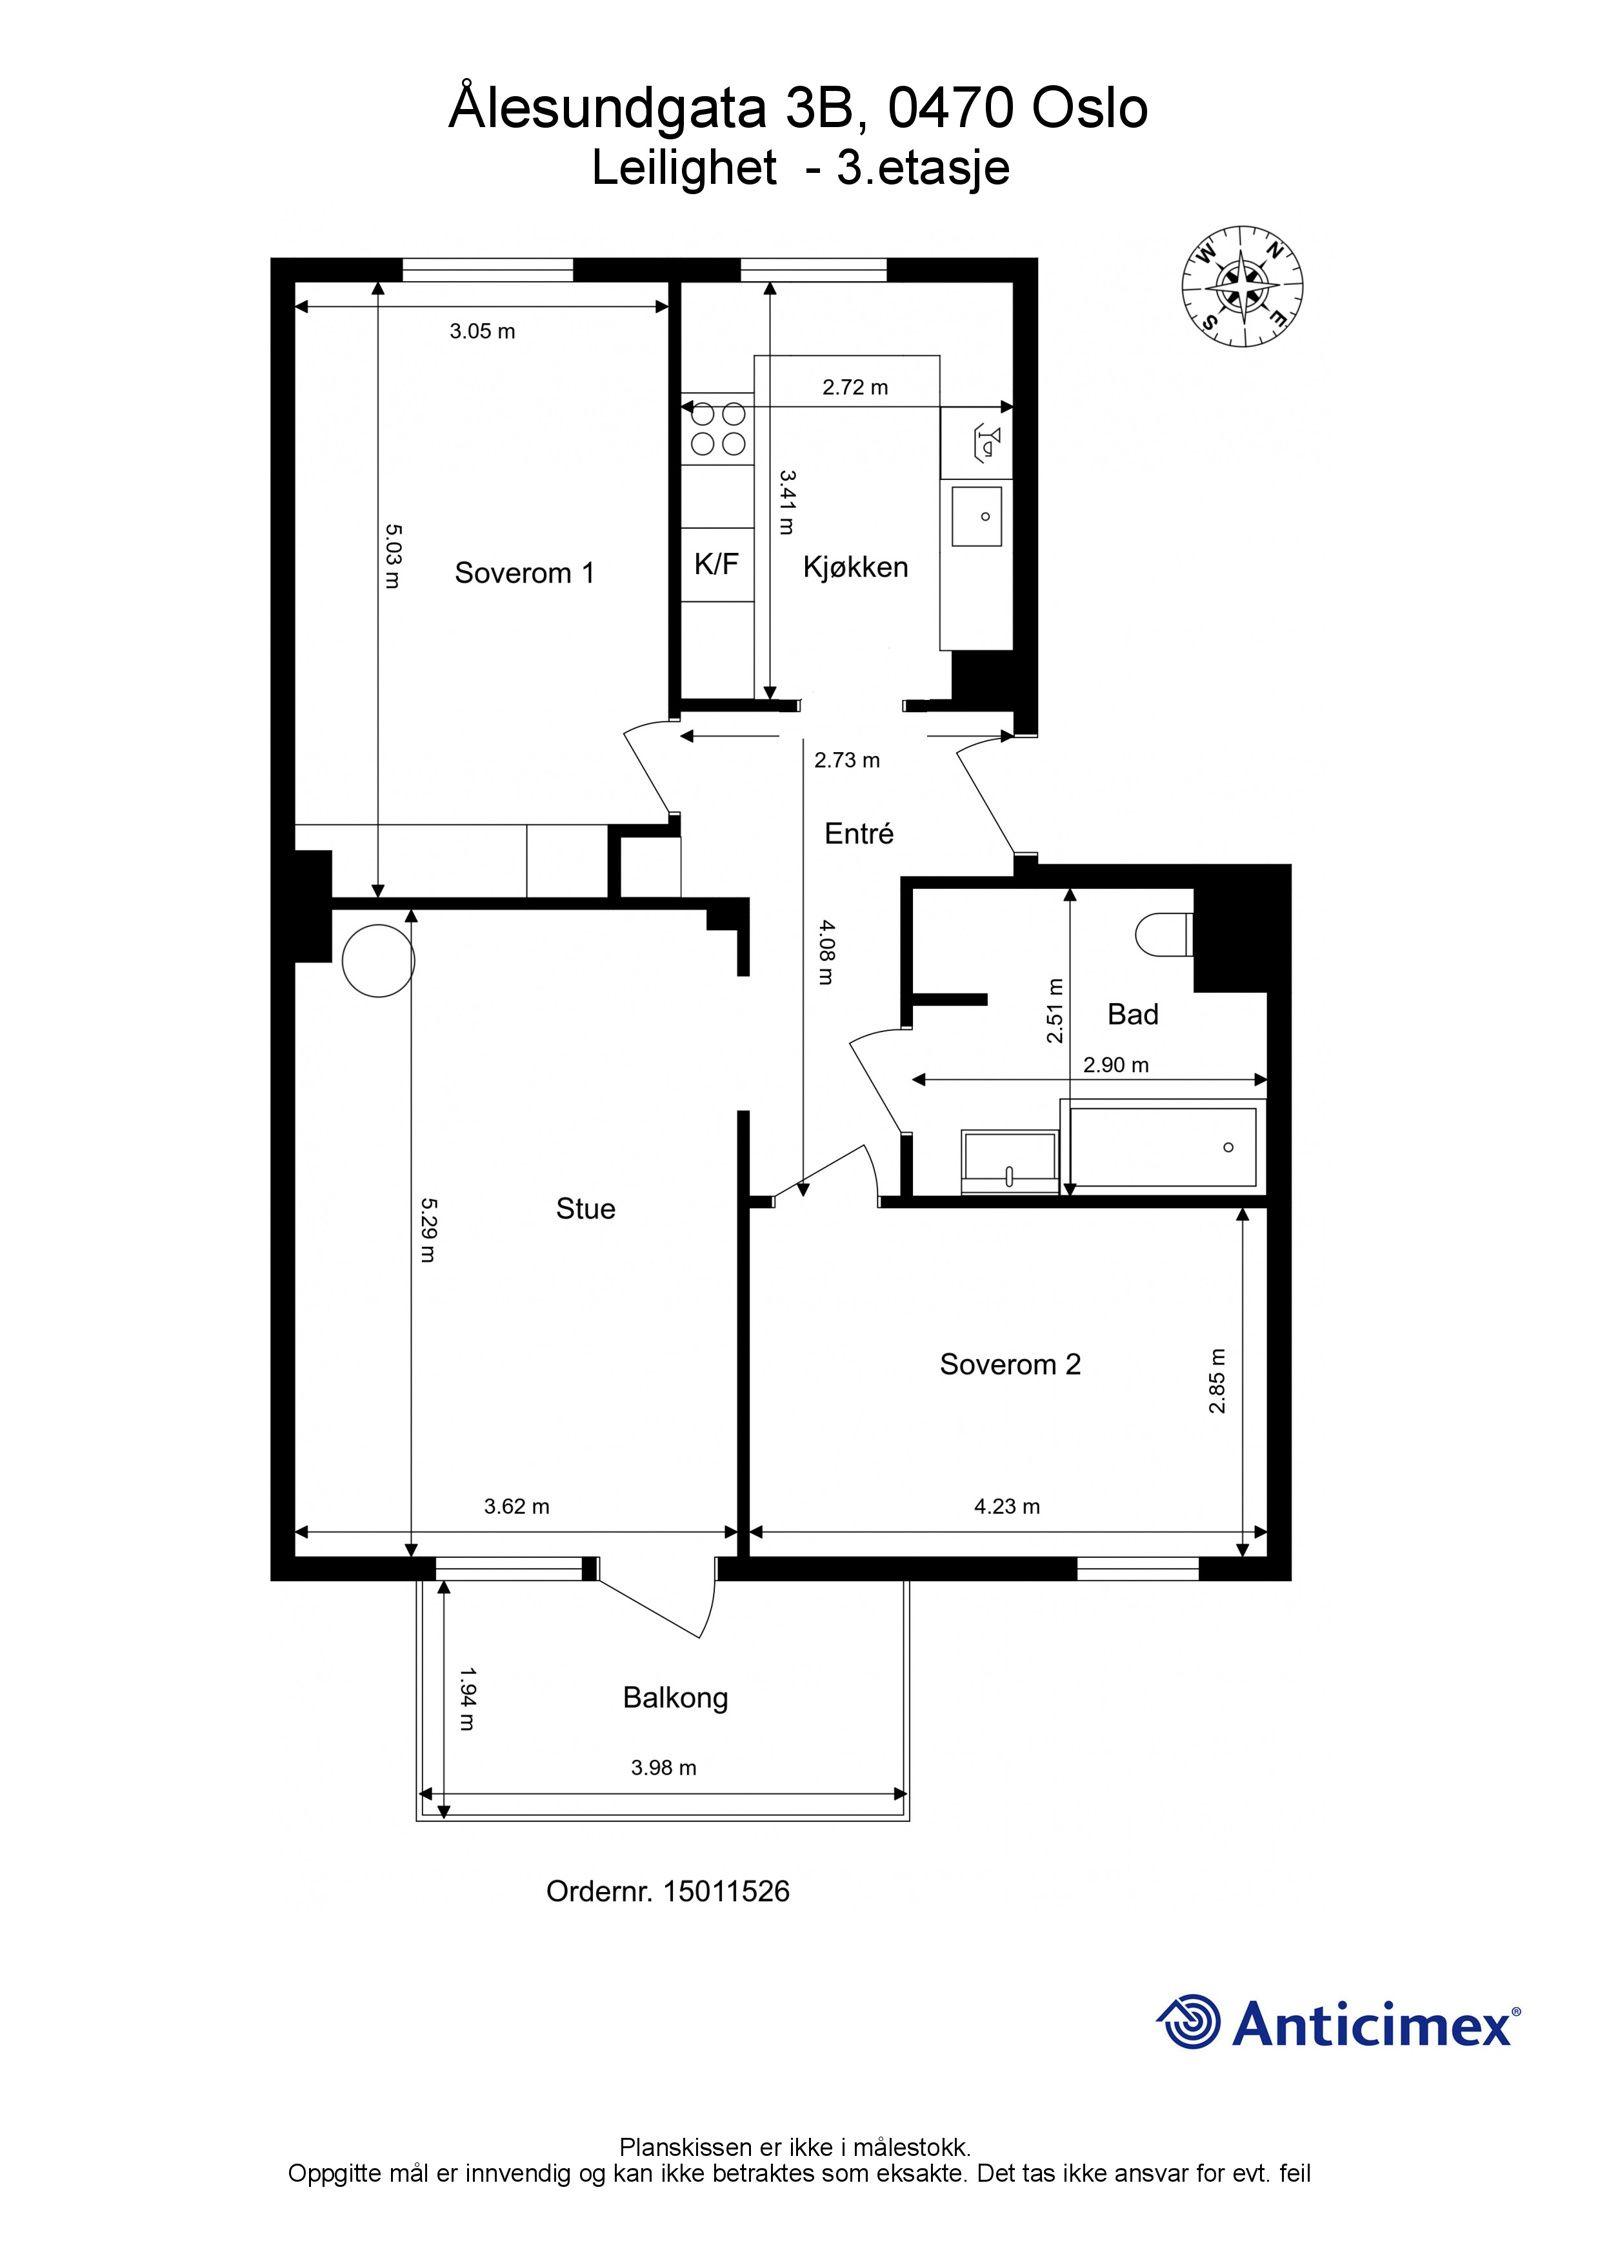 Ålesundgata 3 B Plantegning. I tillegg disponerer leiligheten to kjellerboder på ca. 7m² og ca. 1,7m², samt en loftsbod med gulvareal på ca. 19m².